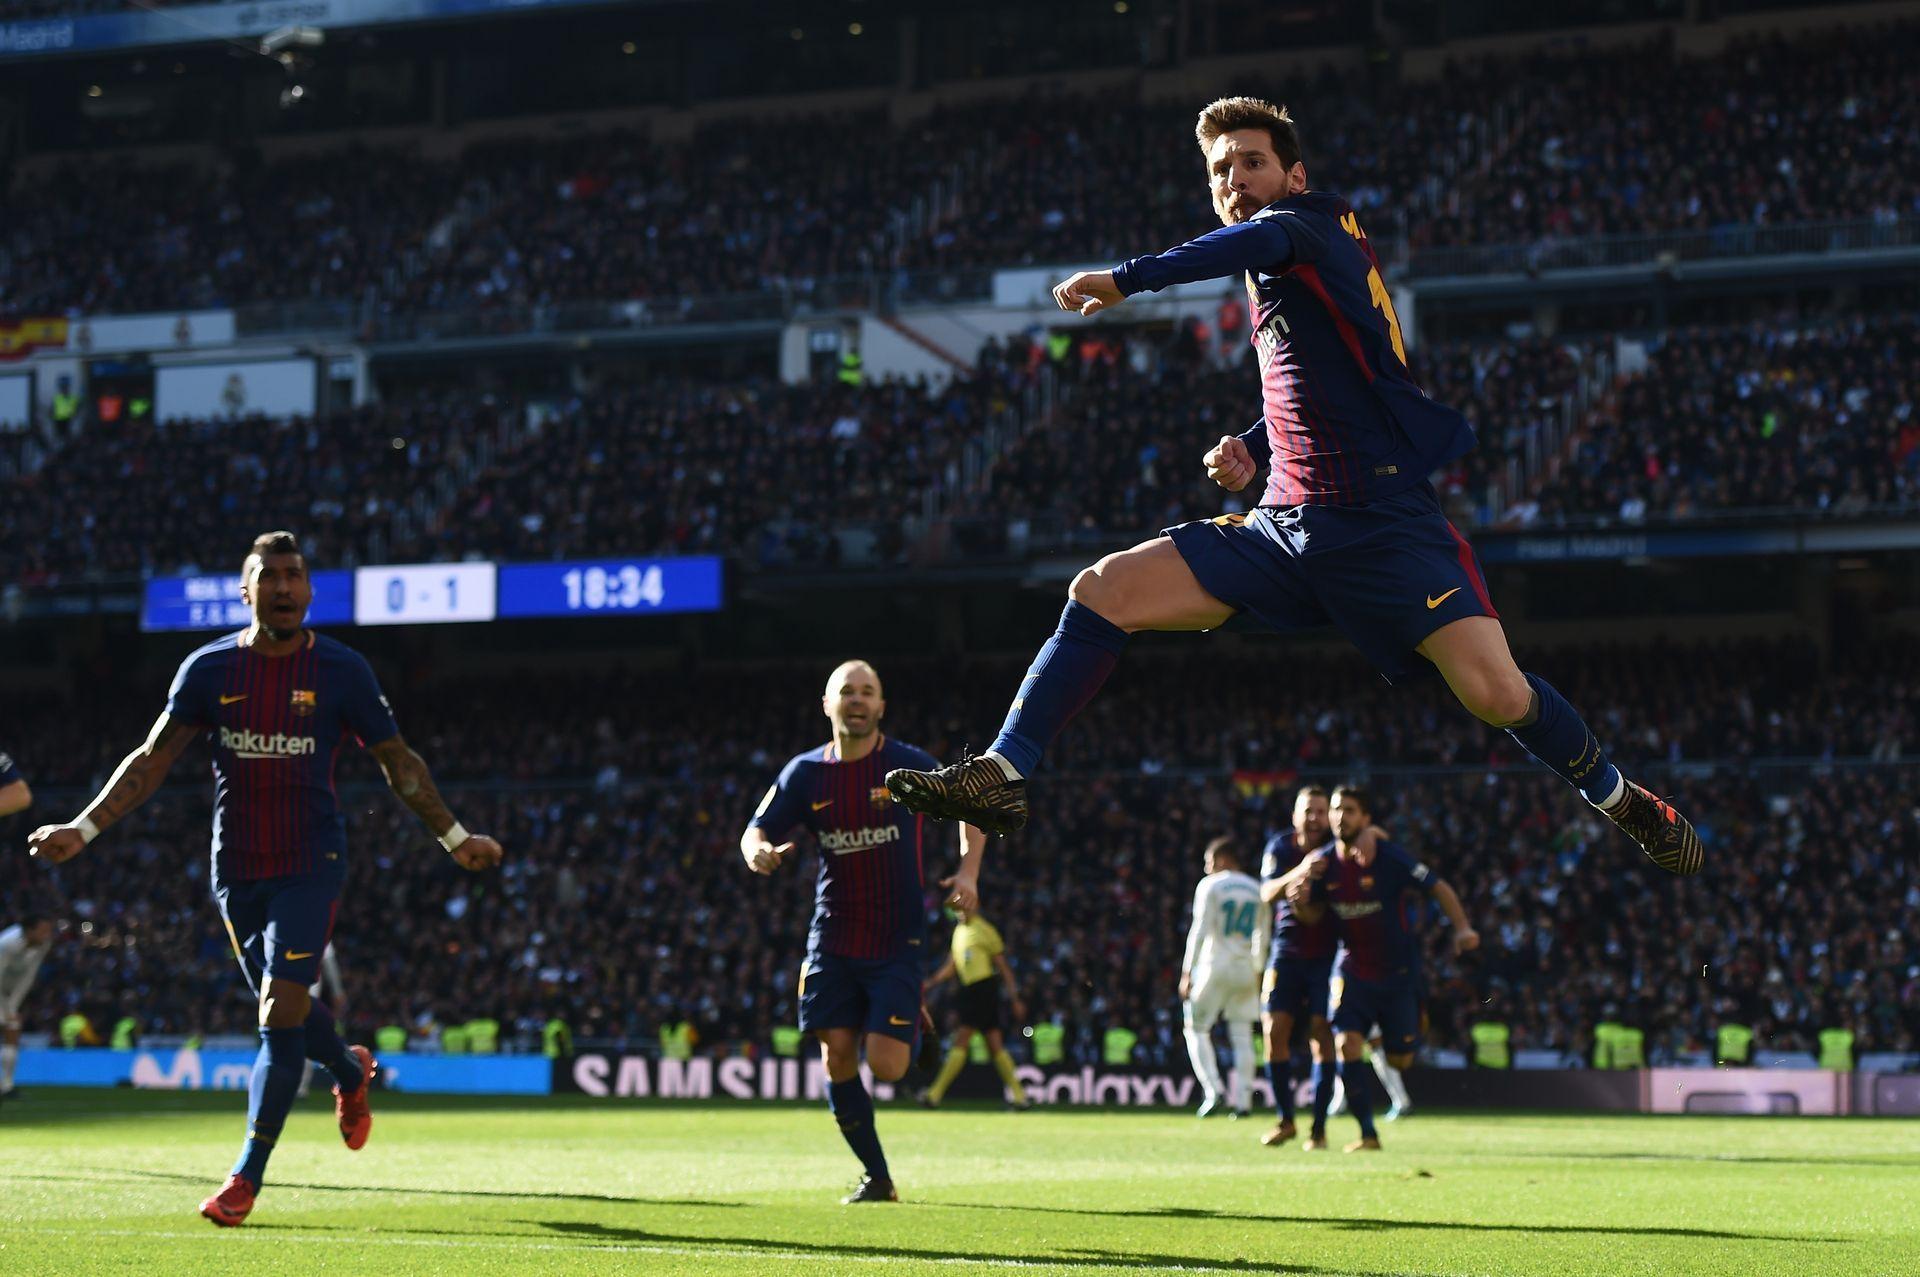 """Меси е кошмарът на """"Реал"""" и рекордьор по голове в историята на Ел Класико. Снимка: Getty Images"""